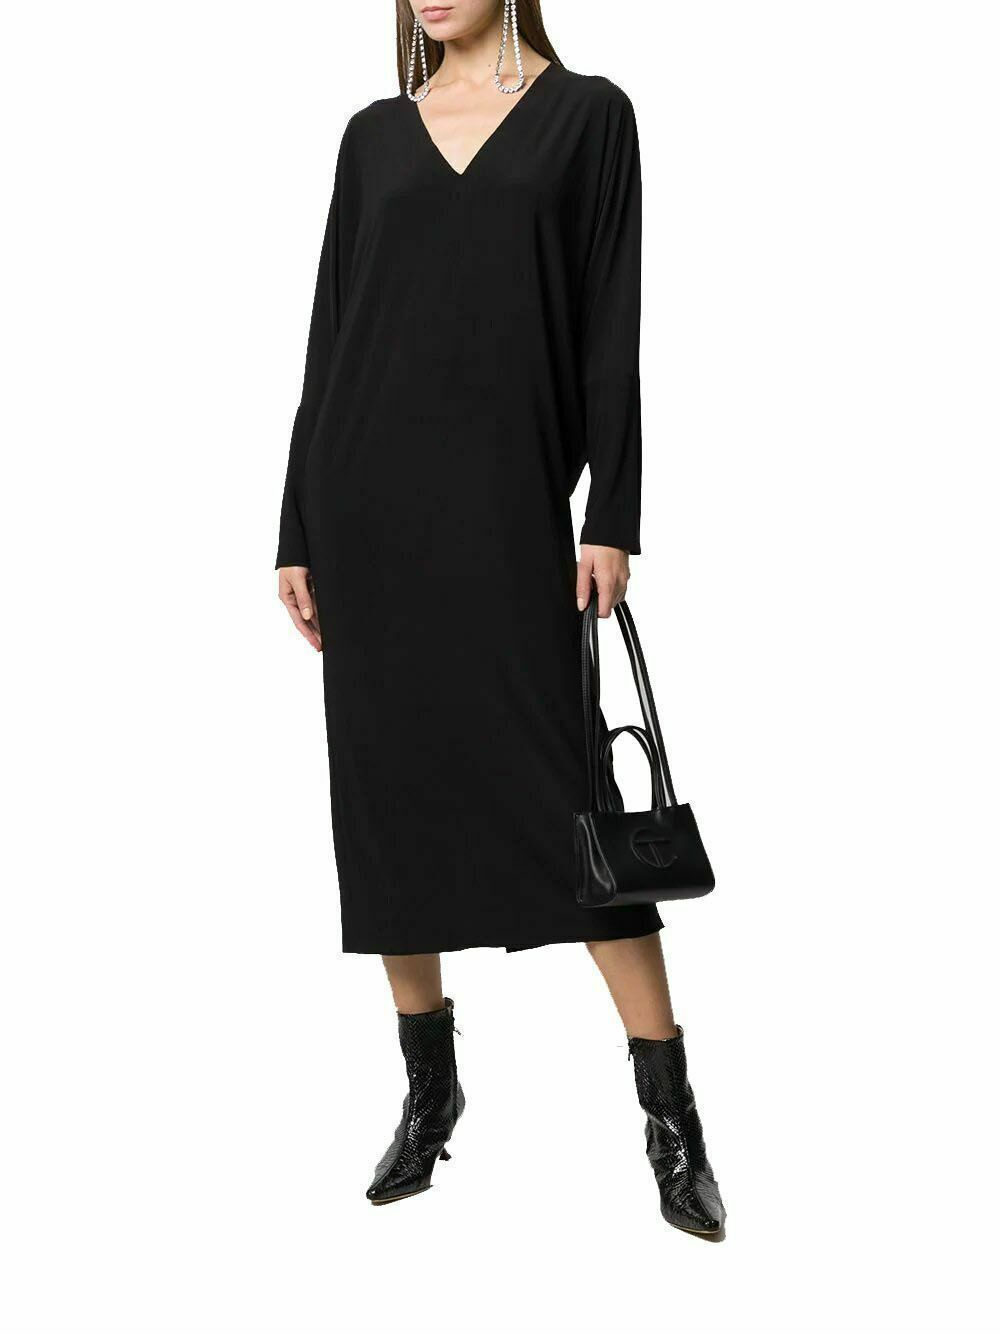 Черное длинное повседневное платье, Платья, Оренбург,  Фото №1